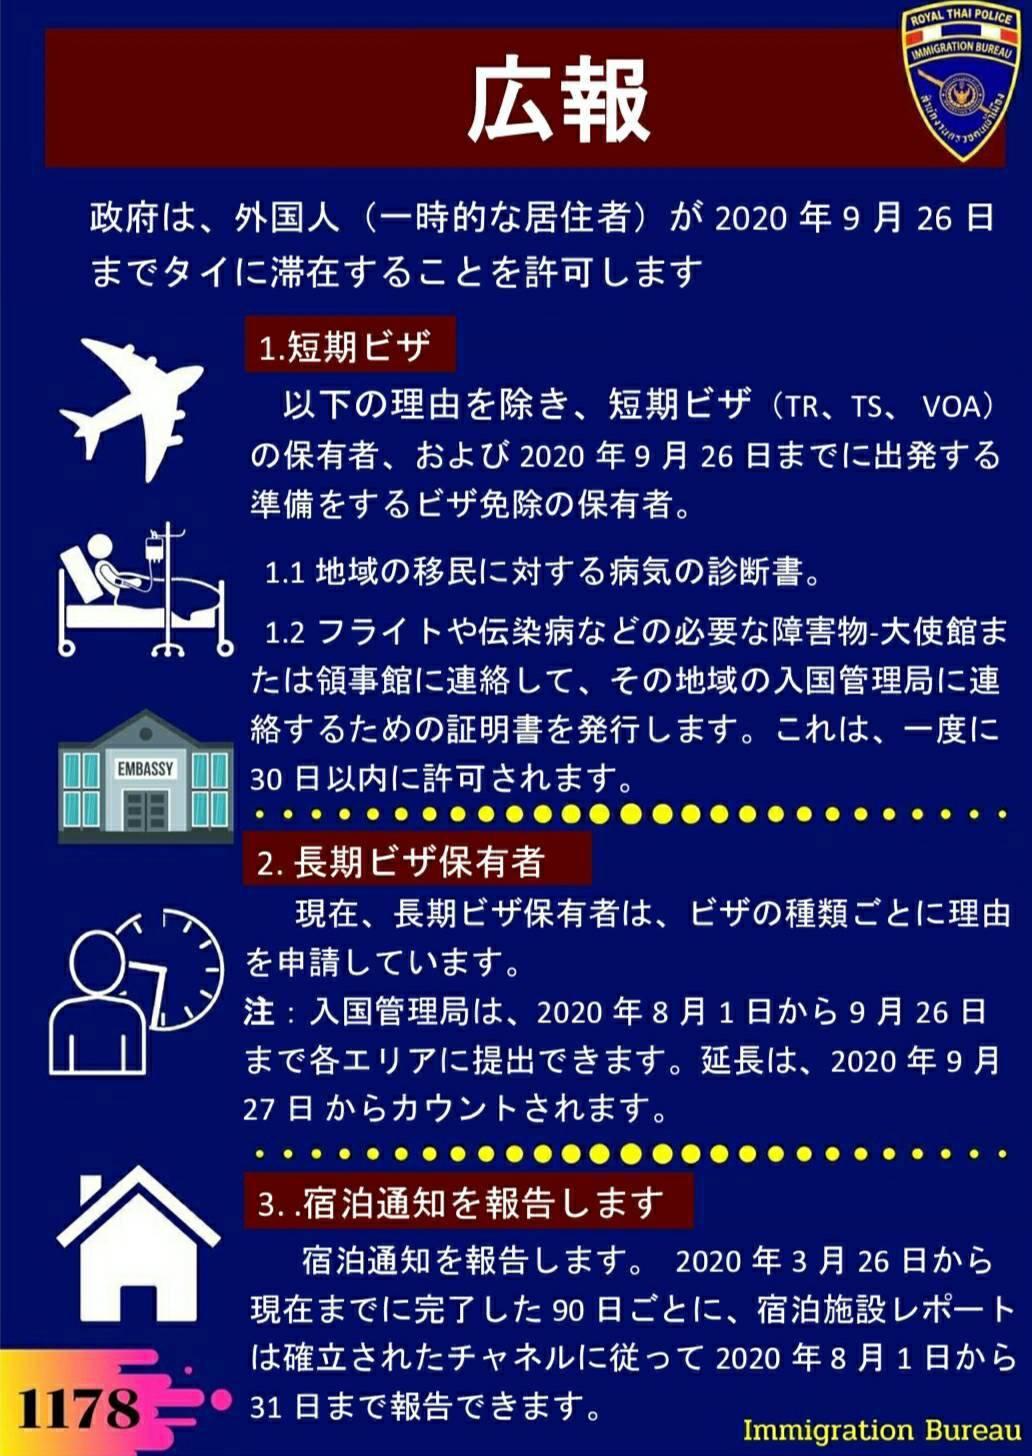 extension-of-visa-amnesty